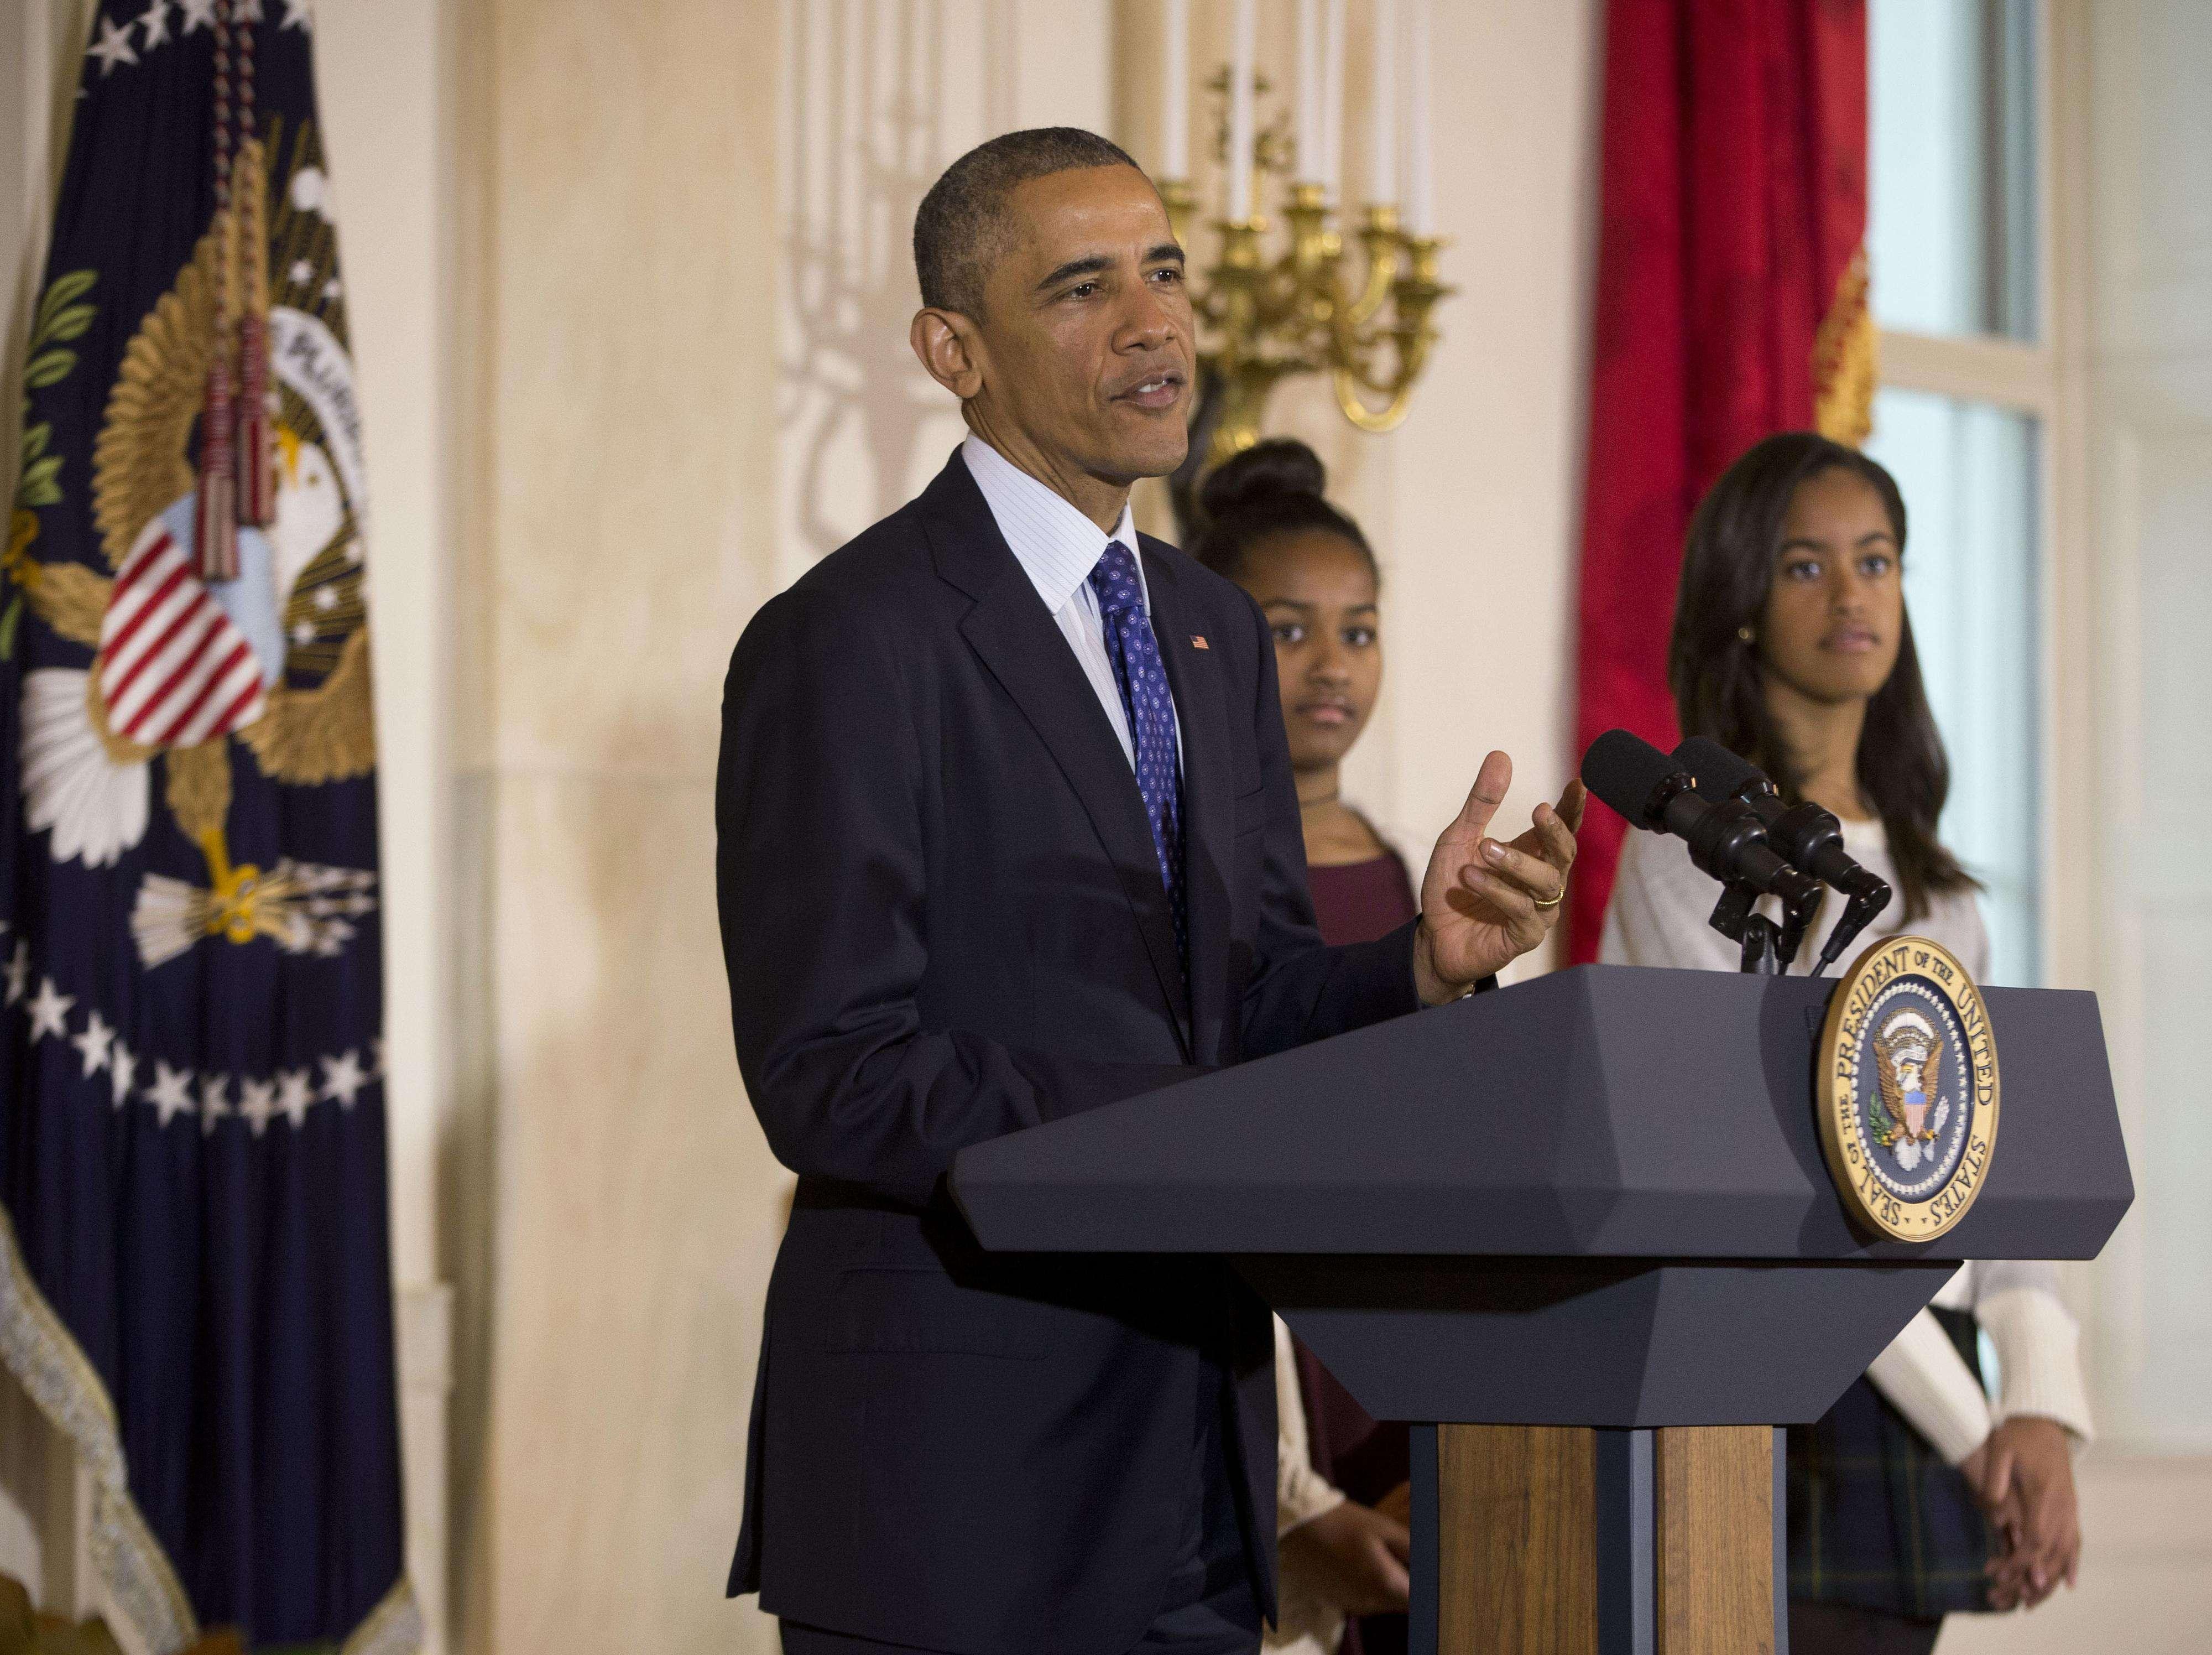 El presidente Obama acompañado de sus hijas Sasha y Malia durante el tradicional indulto a los pavos, en la Casa Blanca, este miércoles de noviembre del 2014. Foto: AP en español